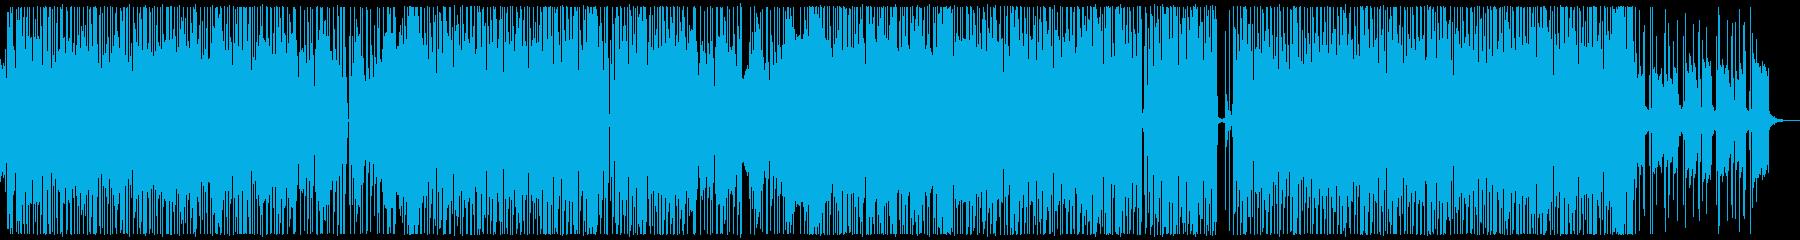 ホーンセクションの切れ味あるファンクの再生済みの波形